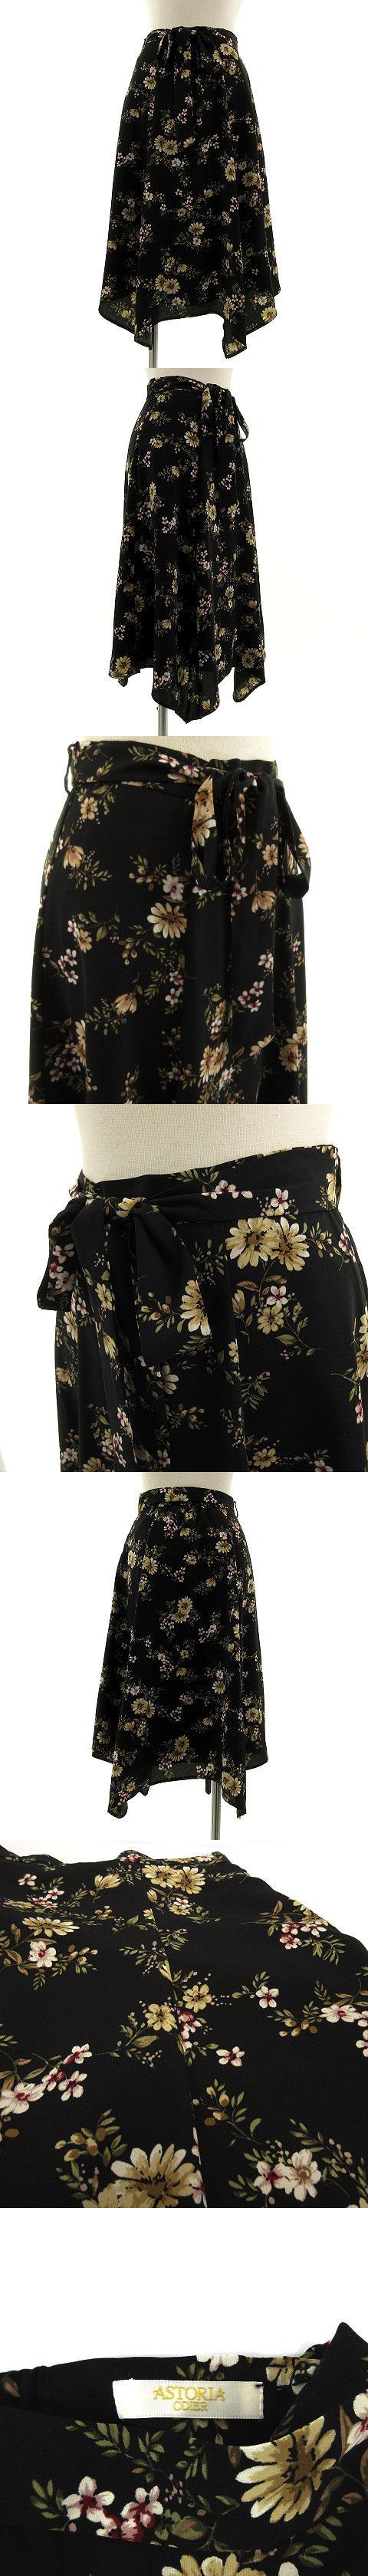 アストリアオディール ASTORIA ODIER スカート ミモレ丈 総裏地 花柄 黒 ブラック S